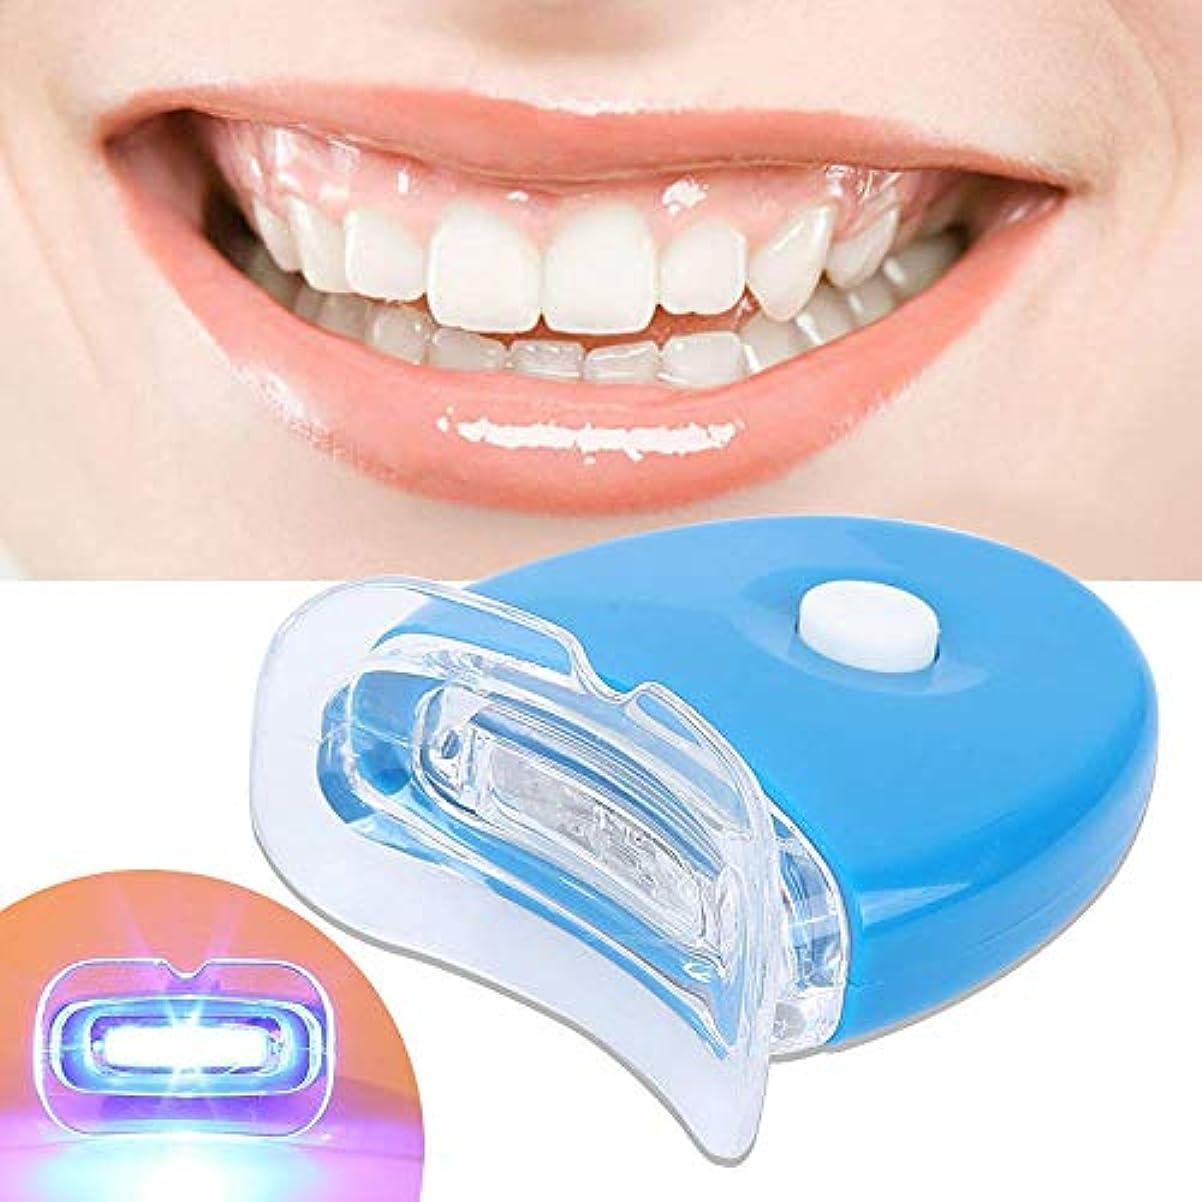 受付枠権限オフィスの家の十代の若者たちのための歯のホワイトナーの心配の健康な歯科白くなるLEDライトを白くする歯